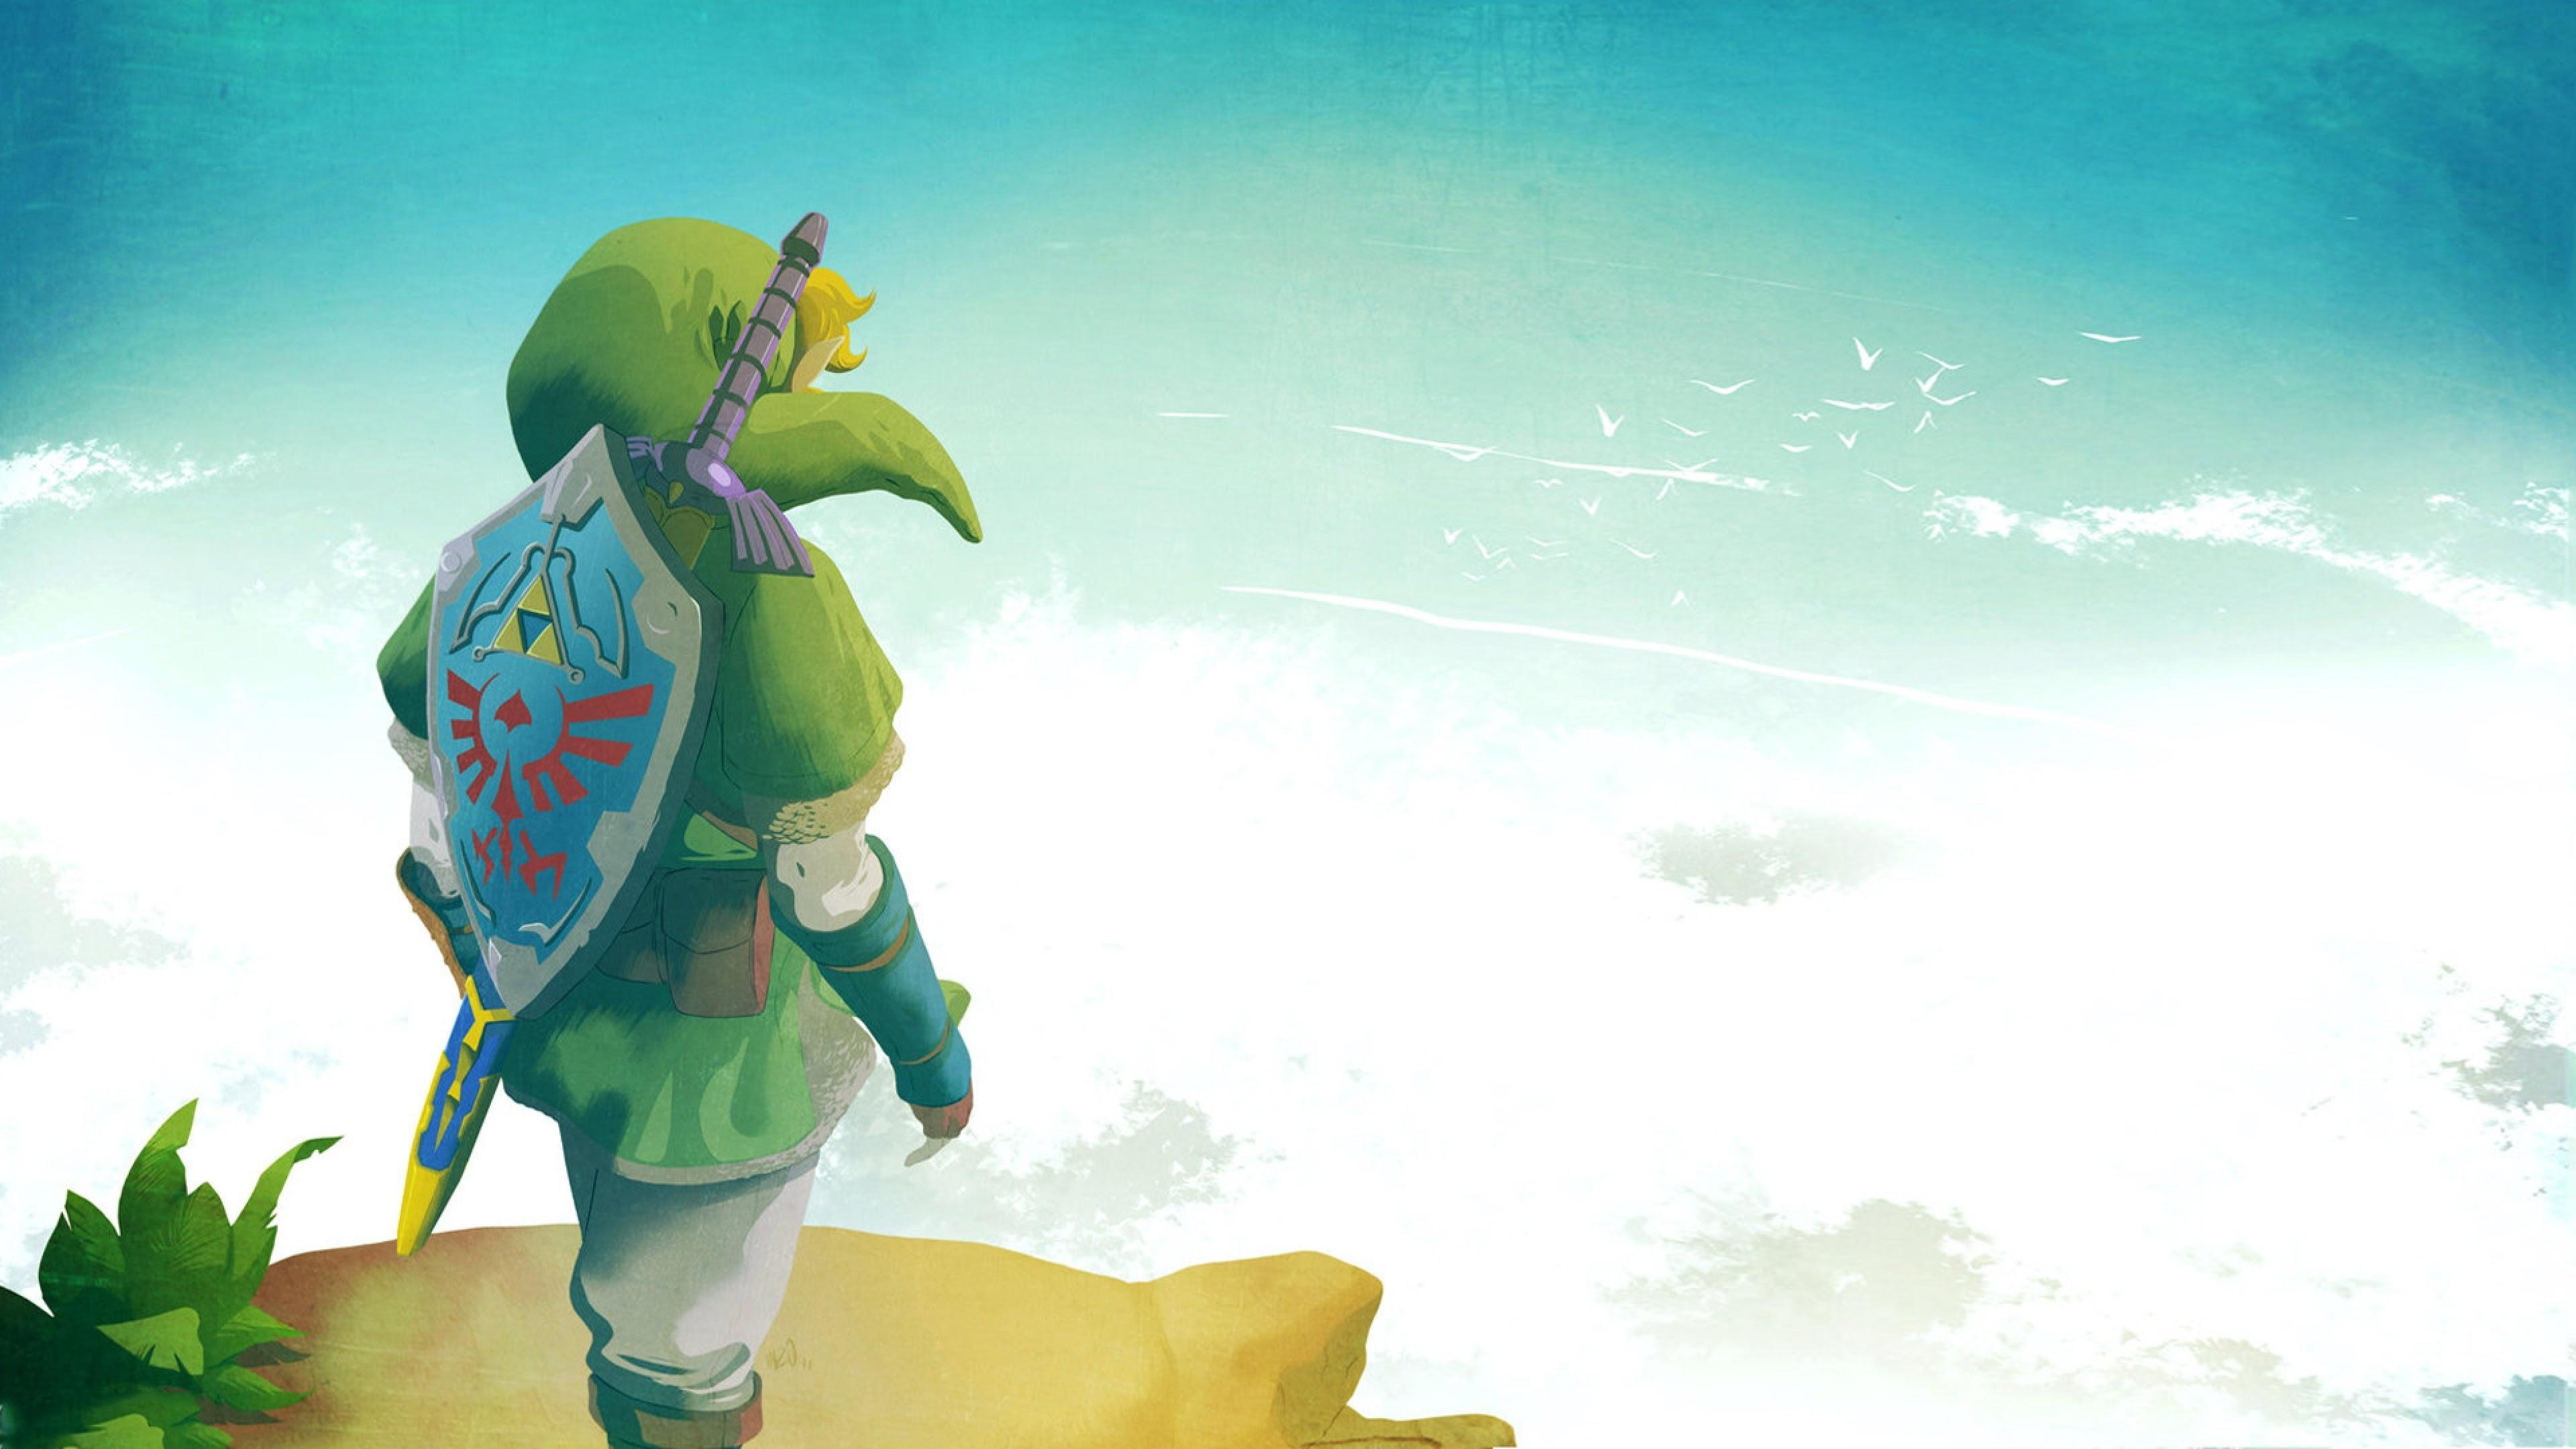 4k Zelda Wallpaper 64 Images